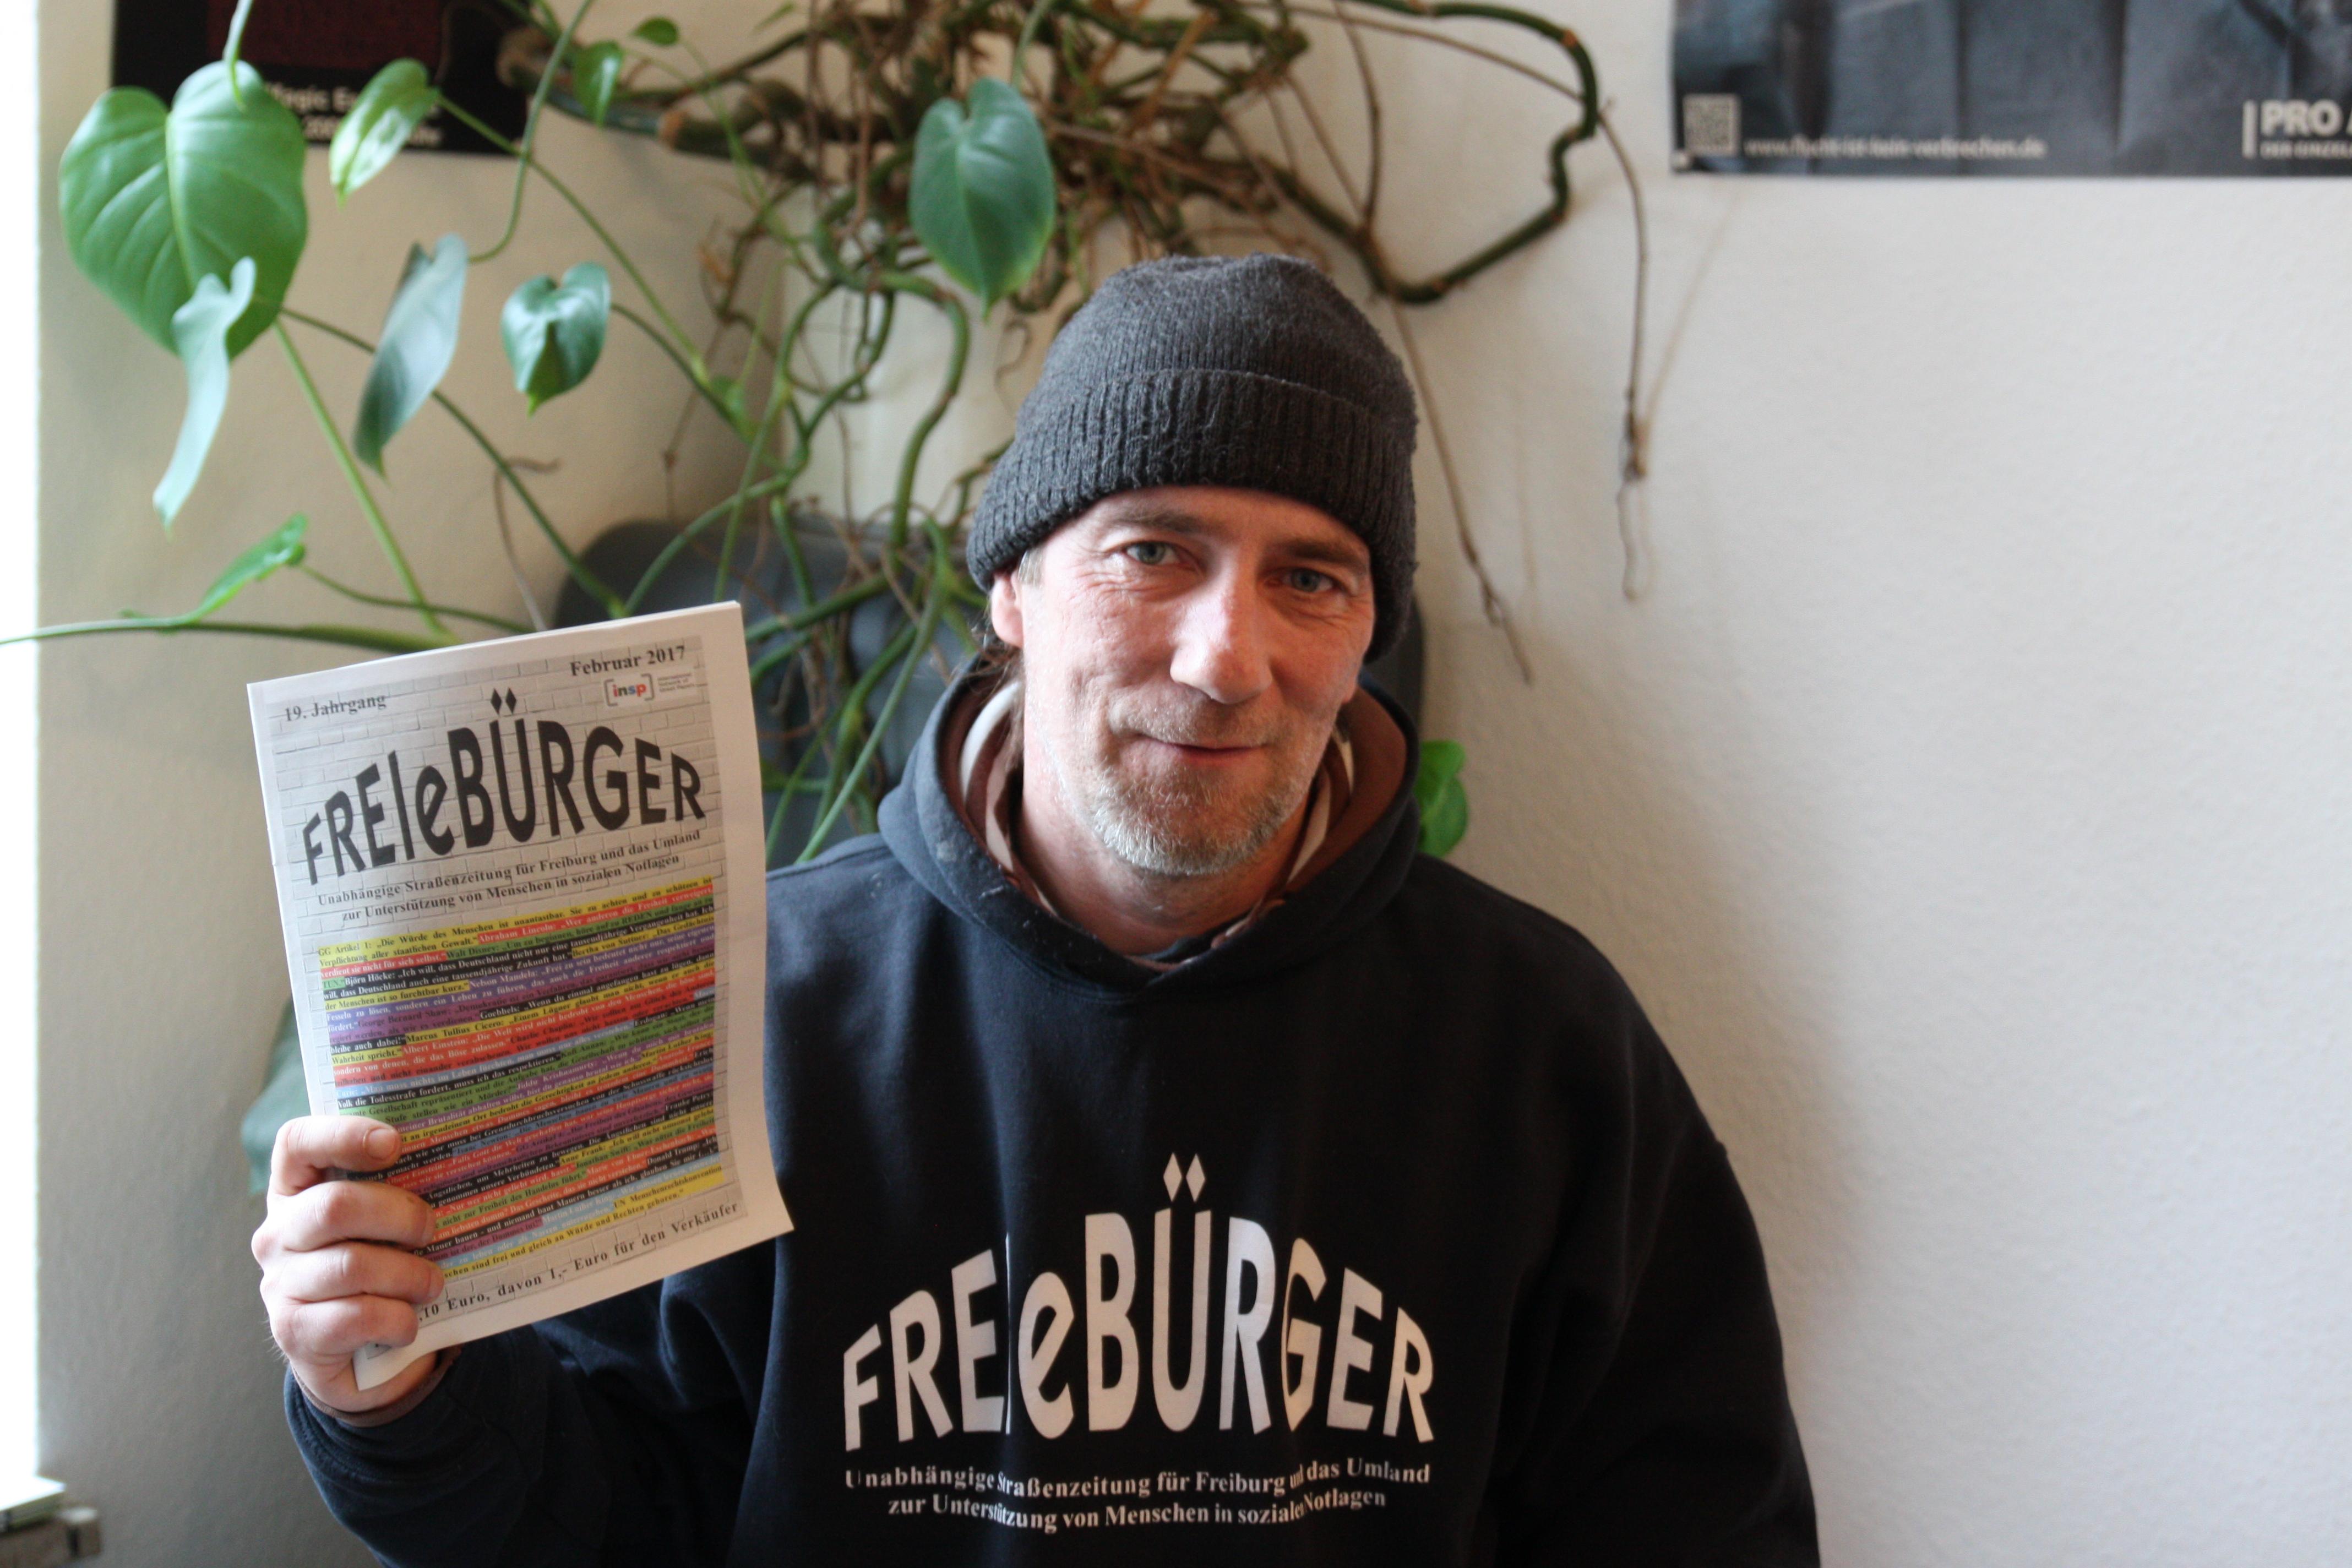 Karsten ist Verkäufersprecher in der Straßenzeitung FREIeBÜRGER.